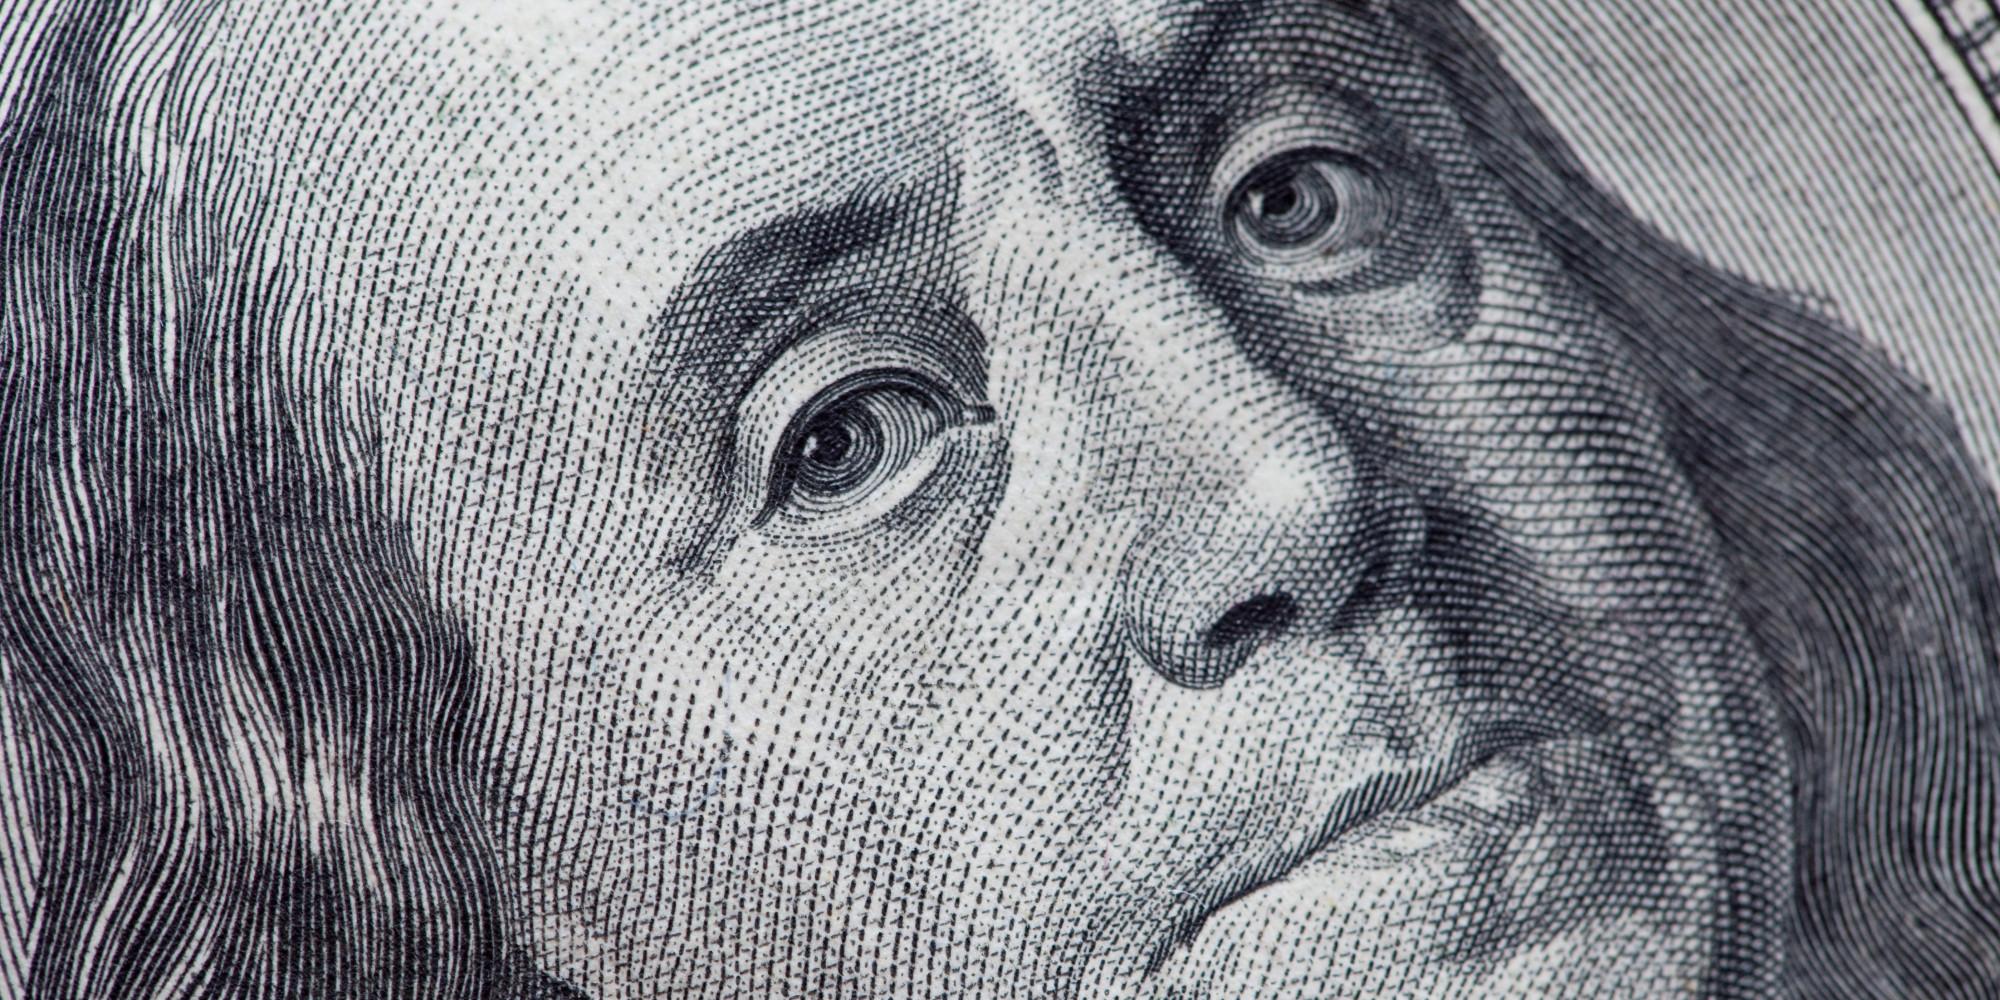 28] Benjamin Franklin Wallpapers on WallpaperSafari 2000x1000